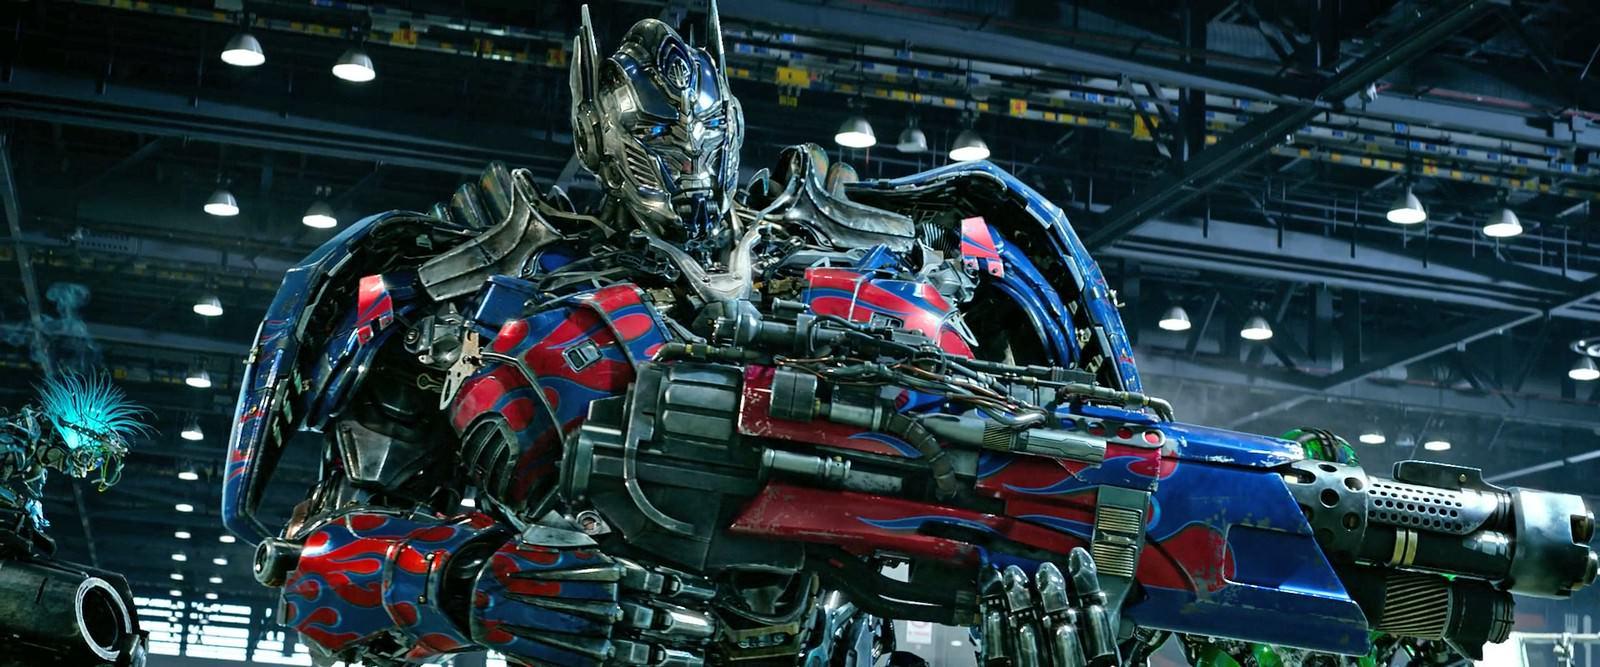 Movie, Transformers: Age of Extinction(美國, 2014年) / 變形金剛4:絕跡重生(台灣) / 变形金刚4:绝迹重生(中國) / 變形金剛:殲滅世紀(香港), 變形金剛與載具型態介紹